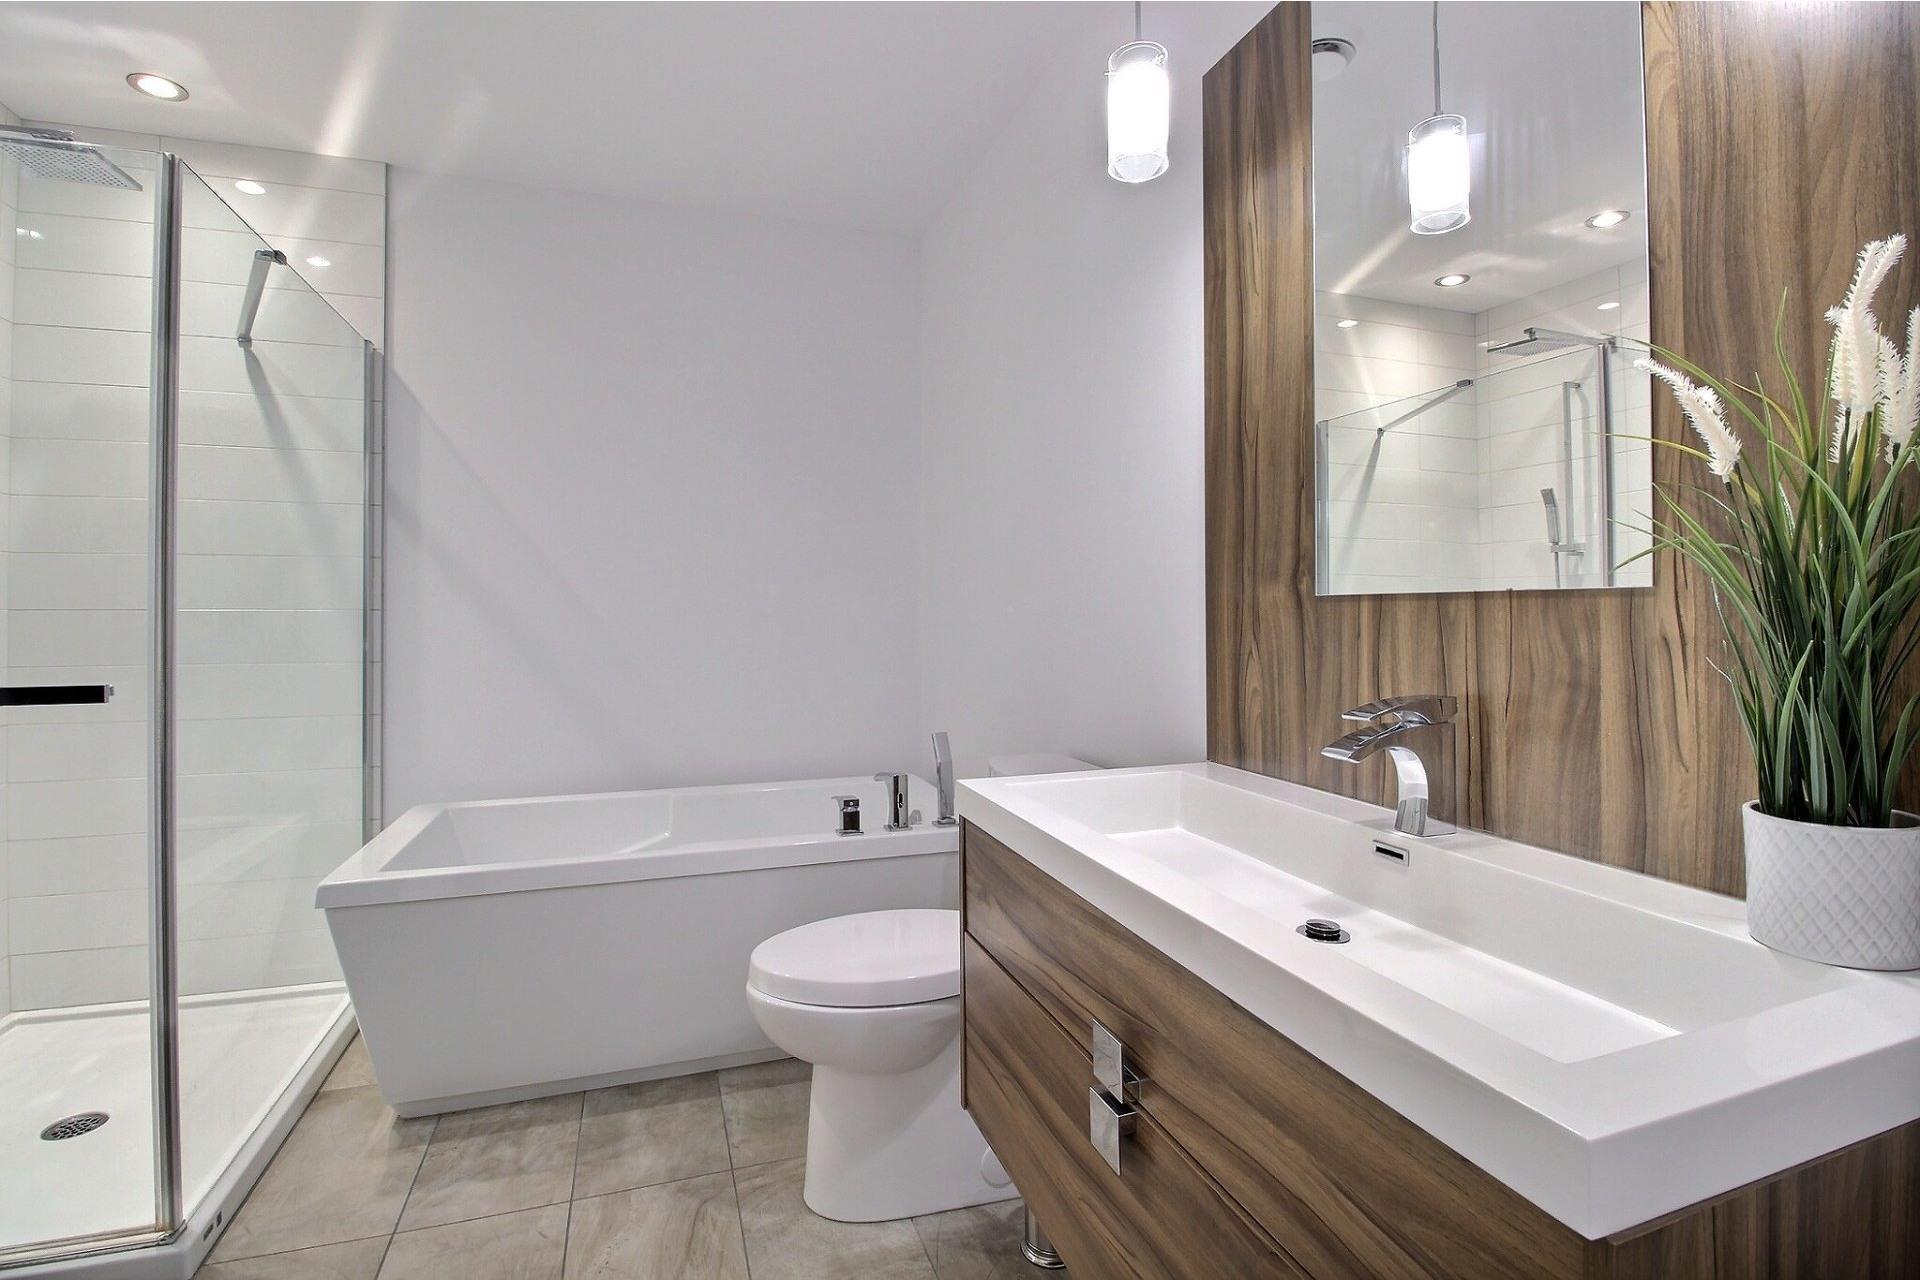 image 14 - Apartment For sale Ville-Marie Montréal  - 3 rooms